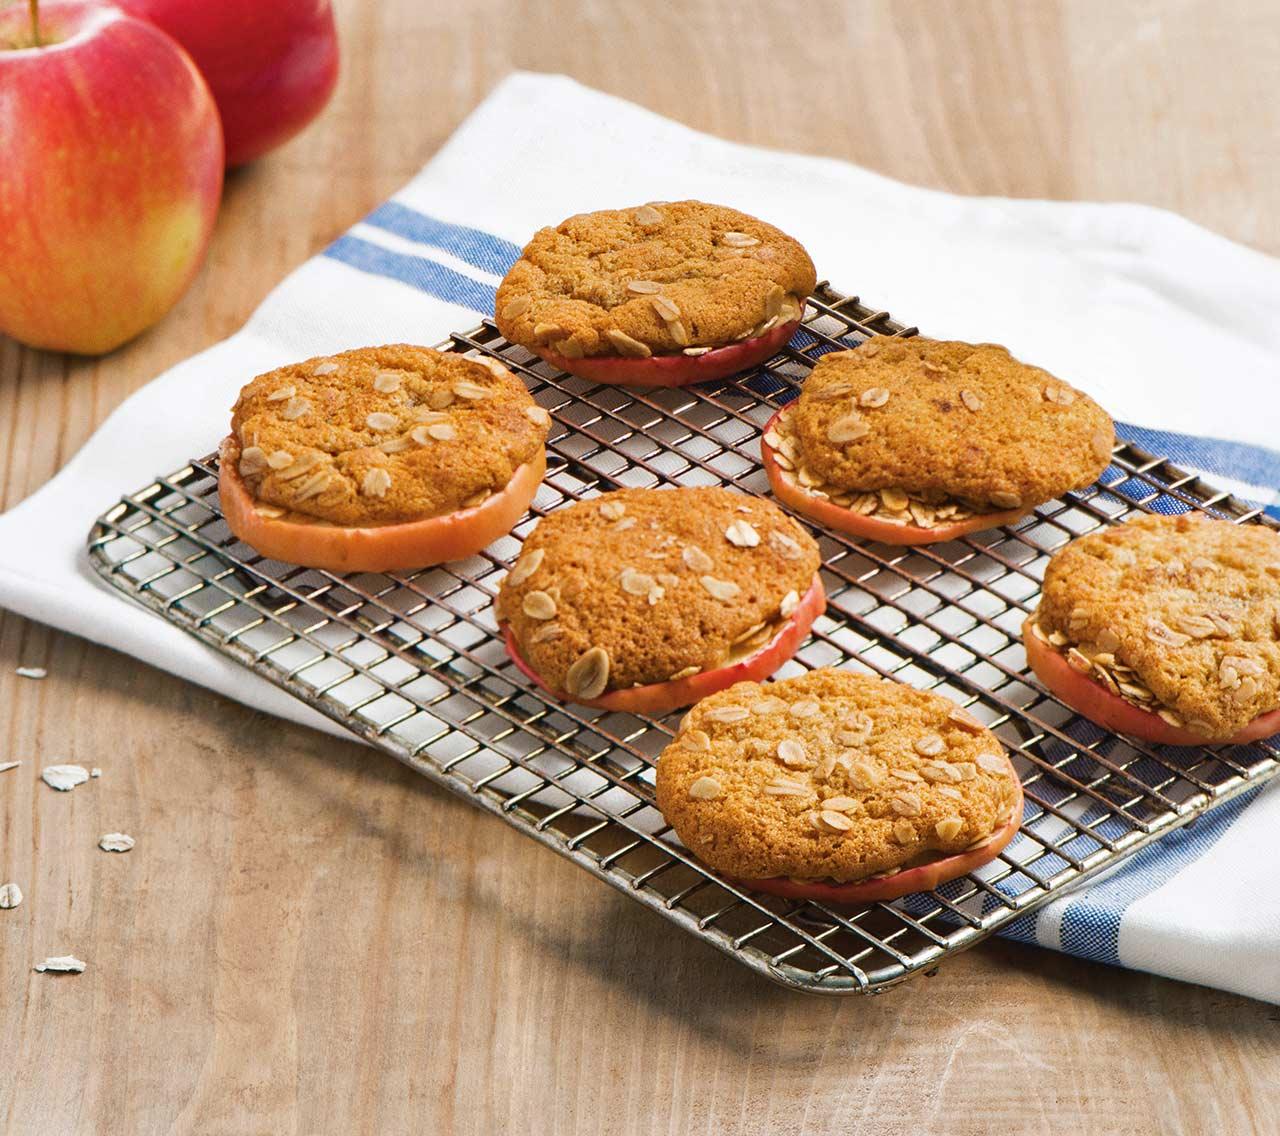 Baked Apple Cookies